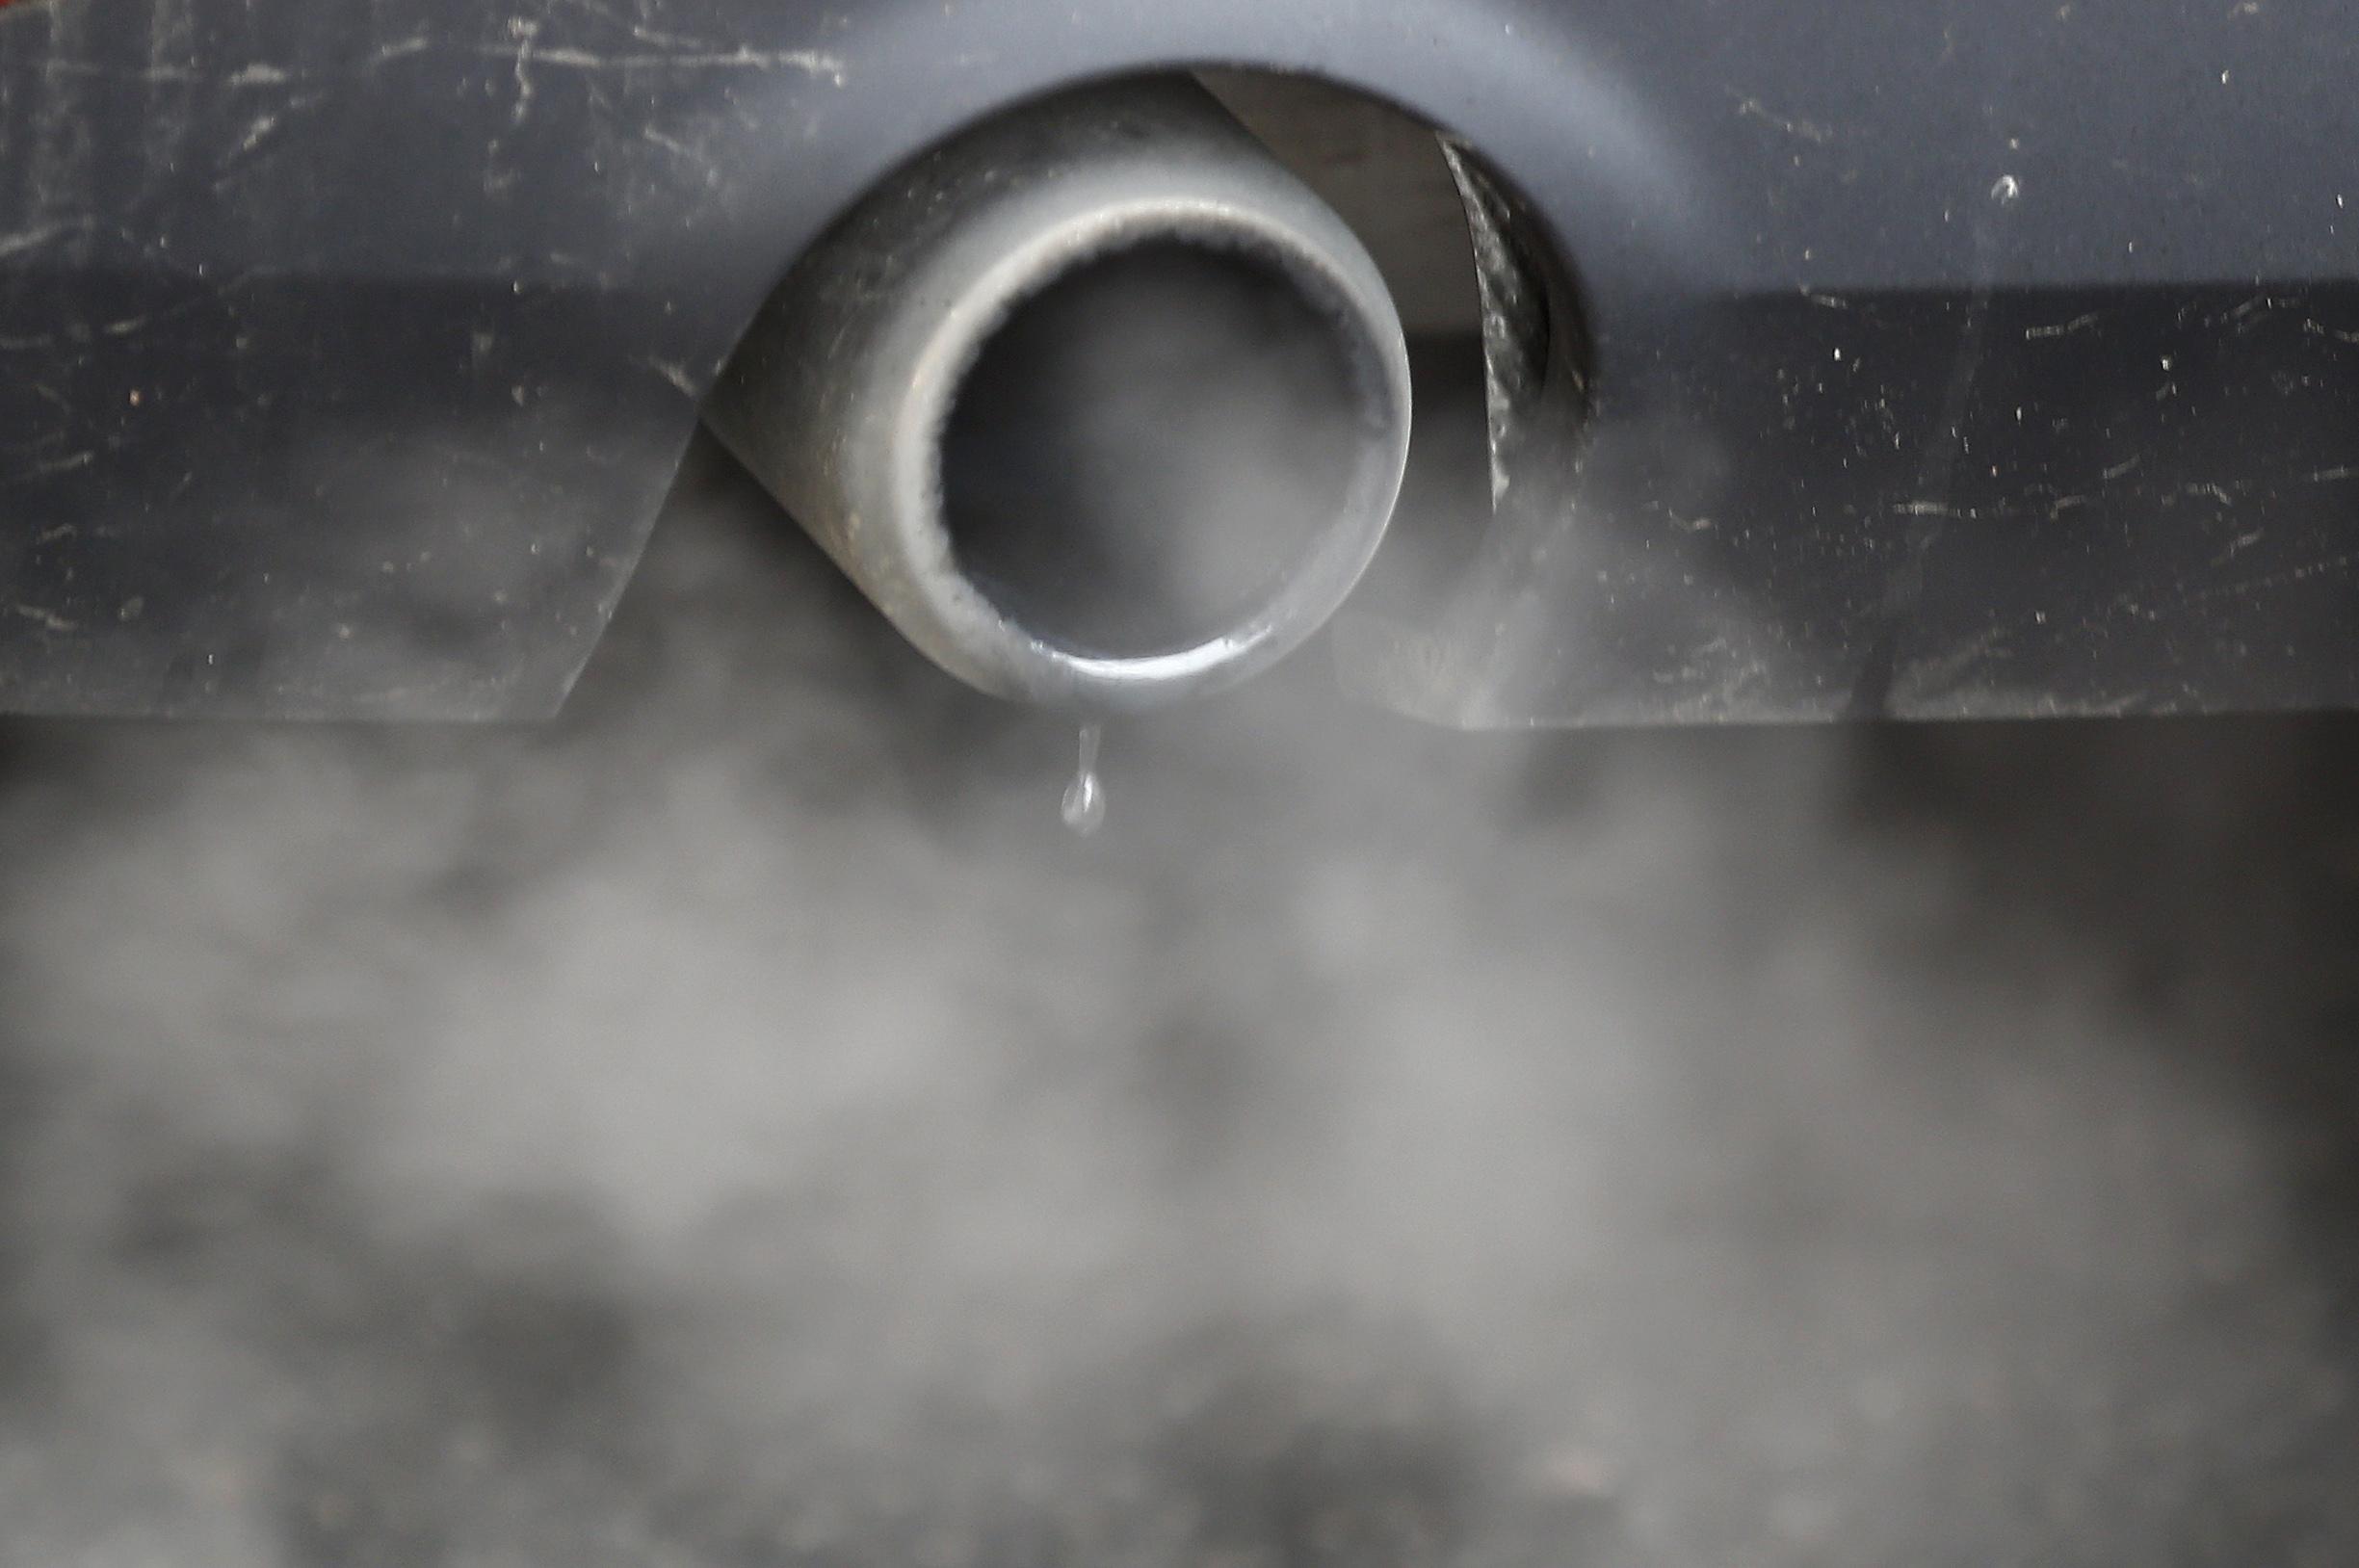 auto-gaz-echappement-pollution-atmospherique-air-dioxyde-de-carbone-pm10-co2 20180515184903